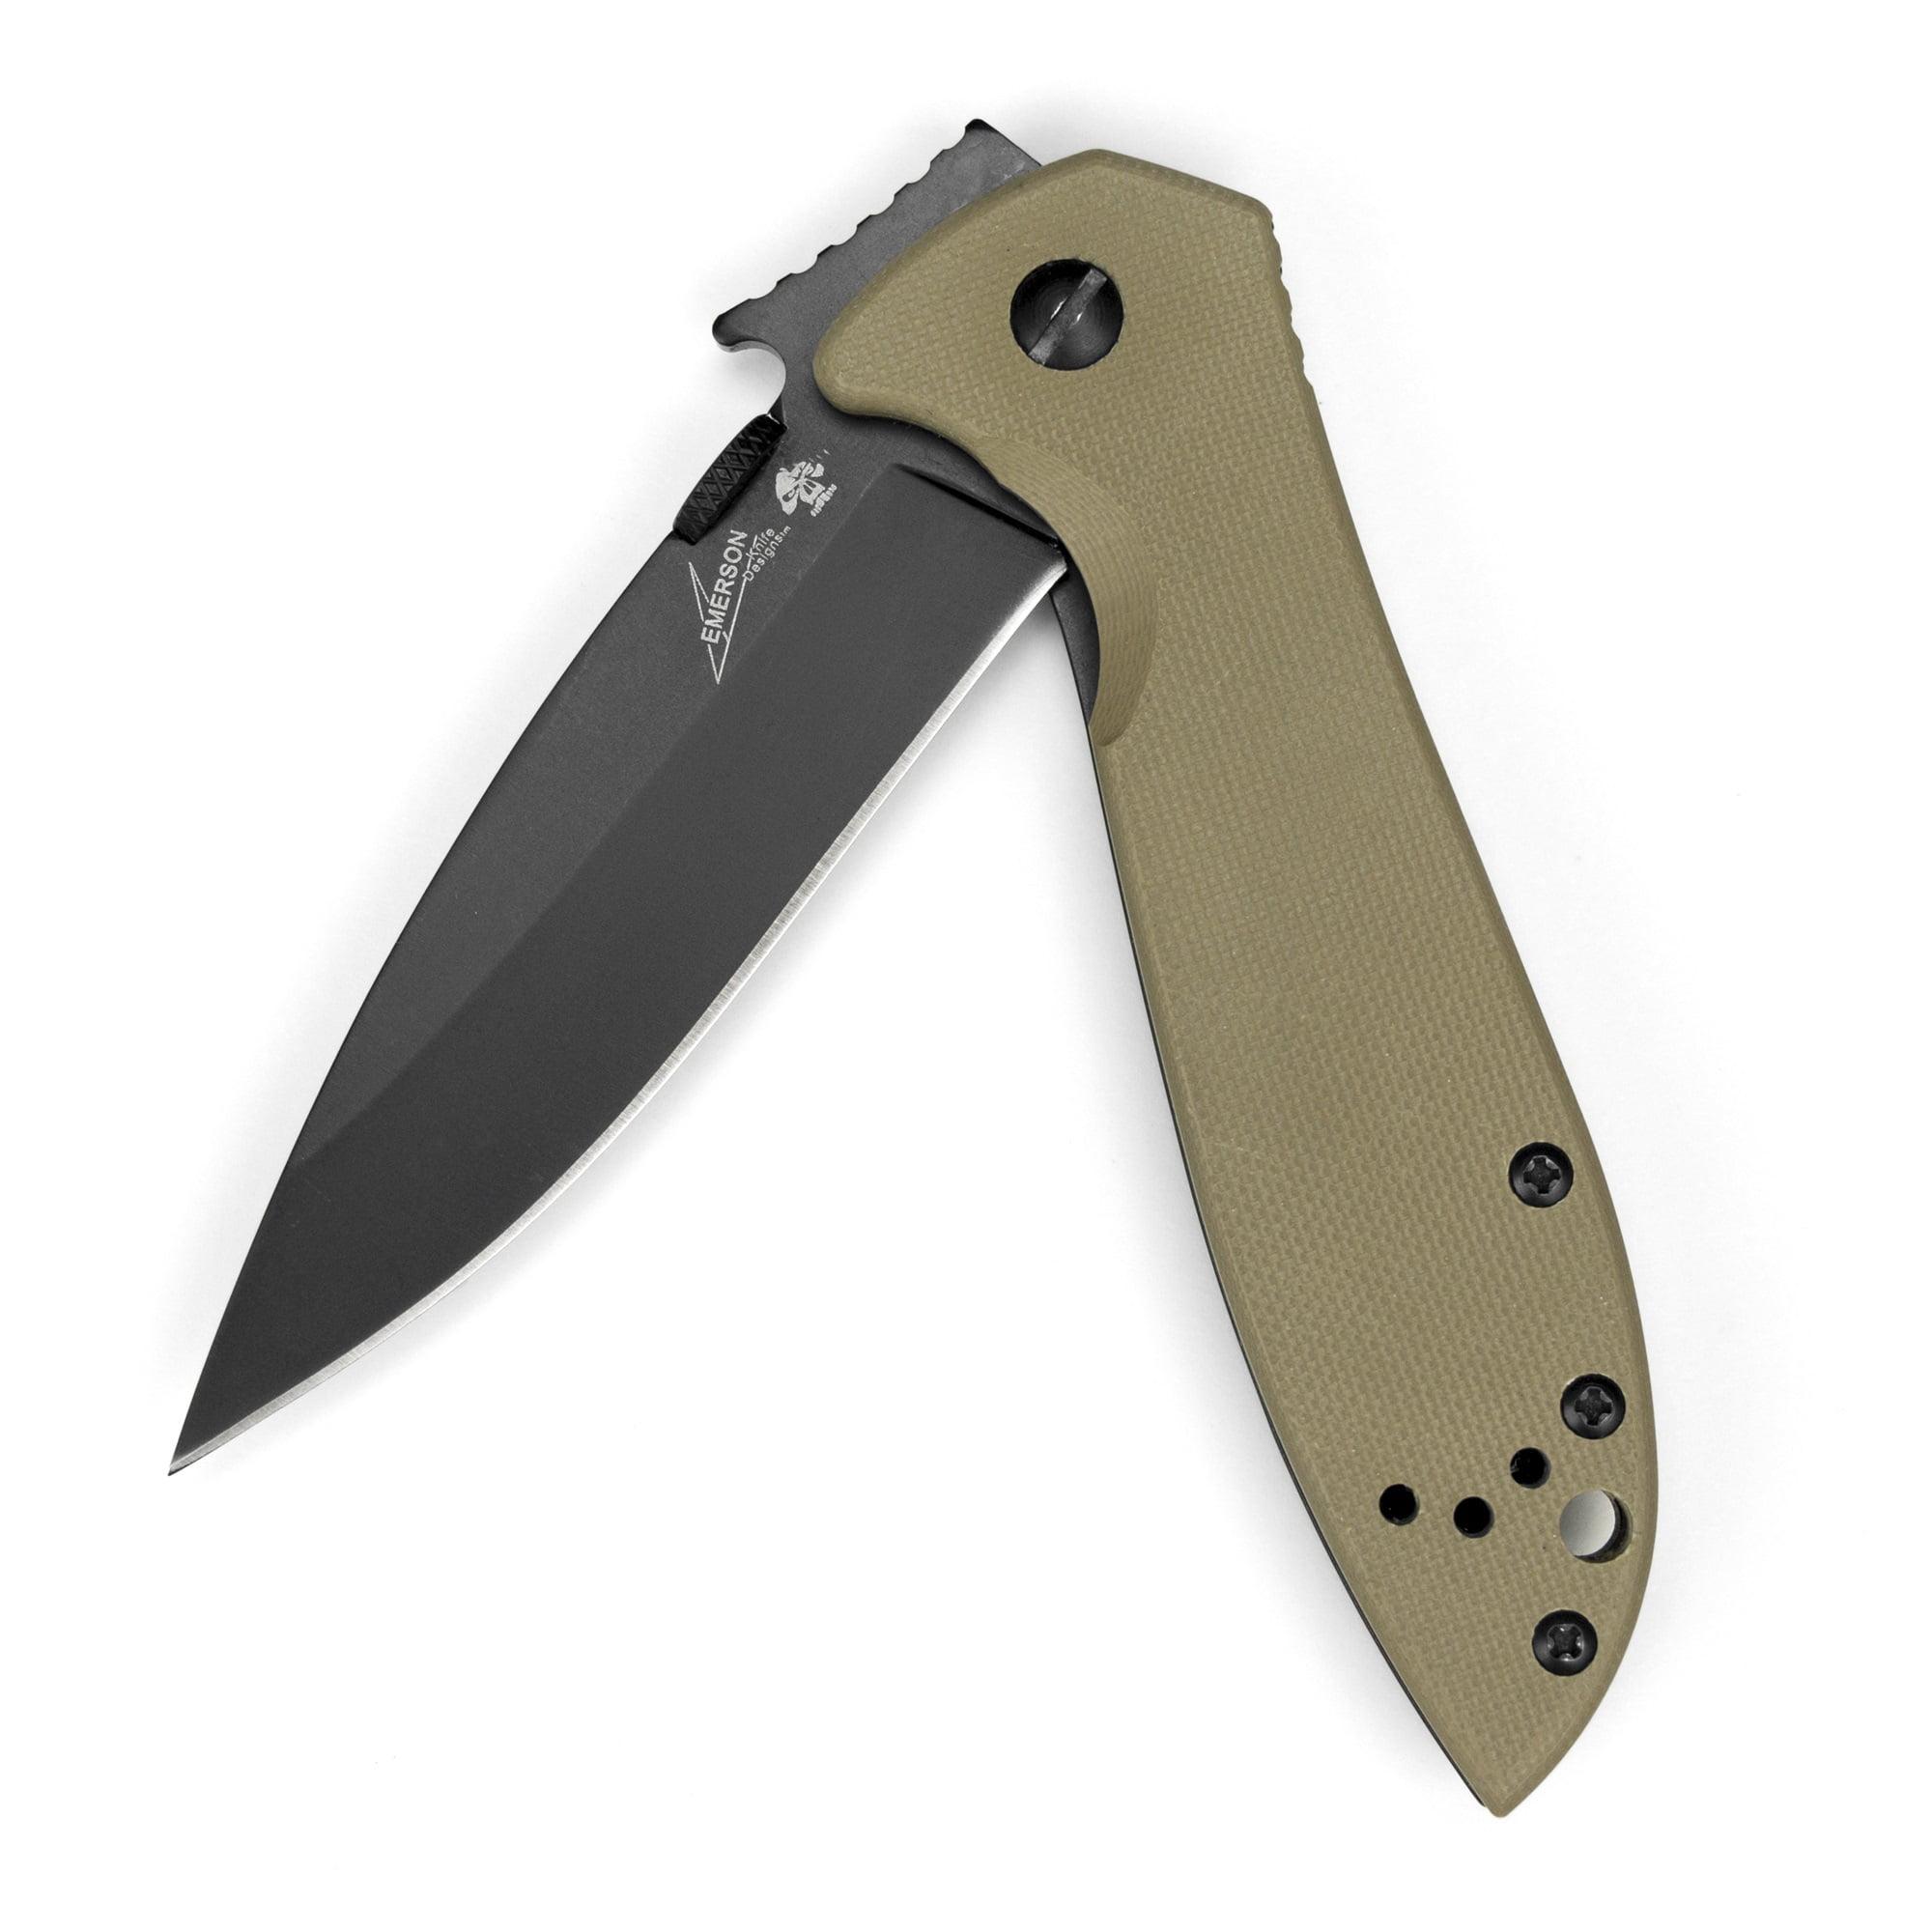 Kershaw CQC 4K (6054BRNBLK) Emerson Designed Folding Pocket Knife, 3.25-In Stainless Steel Blade, Black-Oxide Blade Coat, Wave Shaped Opening, Thumb Disk, Frame Lock, Reversible Pocketclip; 4.1 OZ